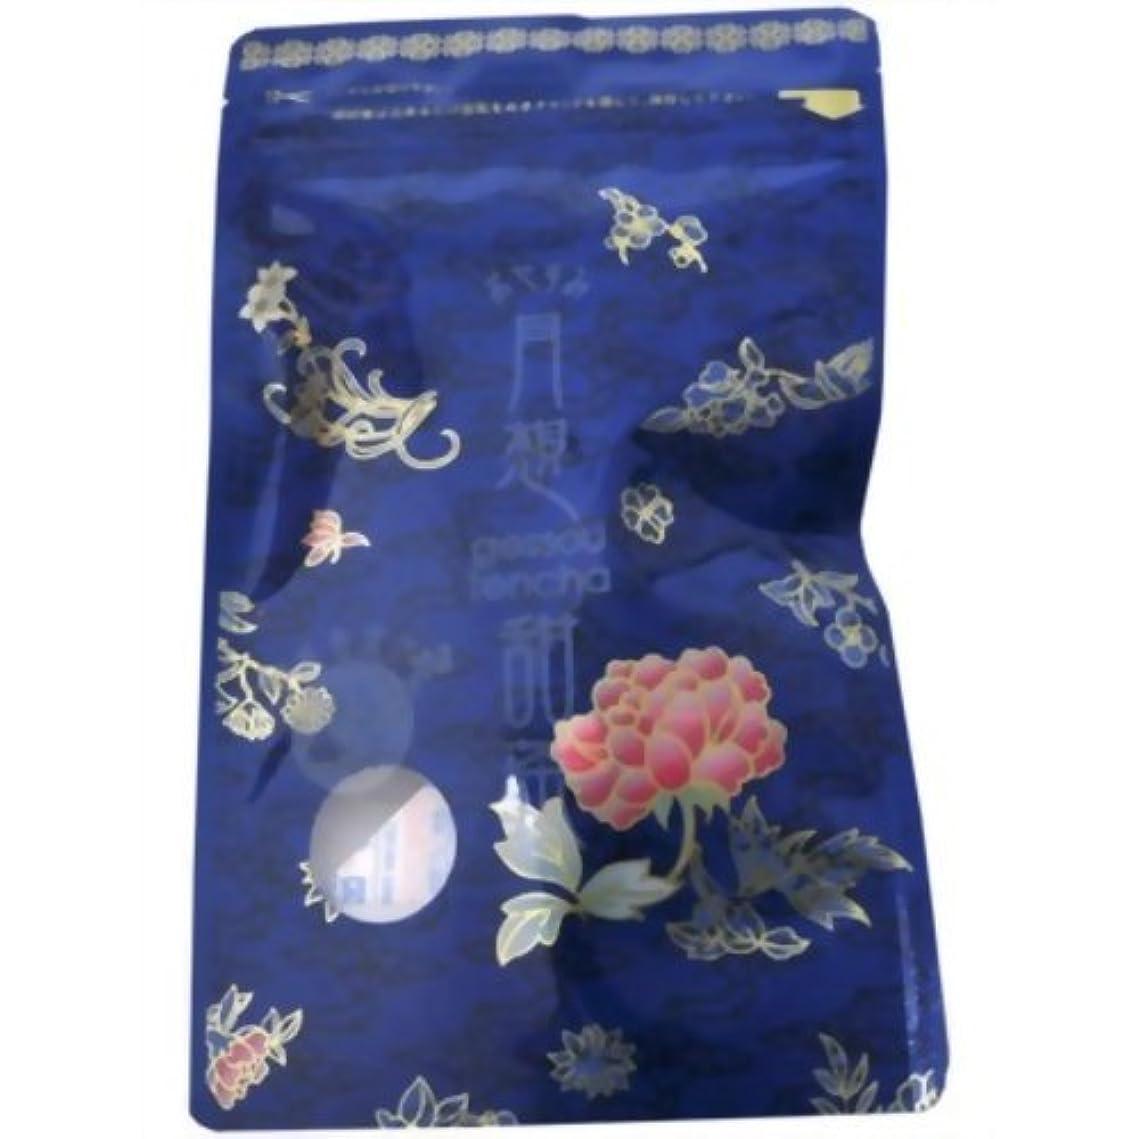 委任するできればどうしたのおやすみ月想甜茶 1.5gx15袋